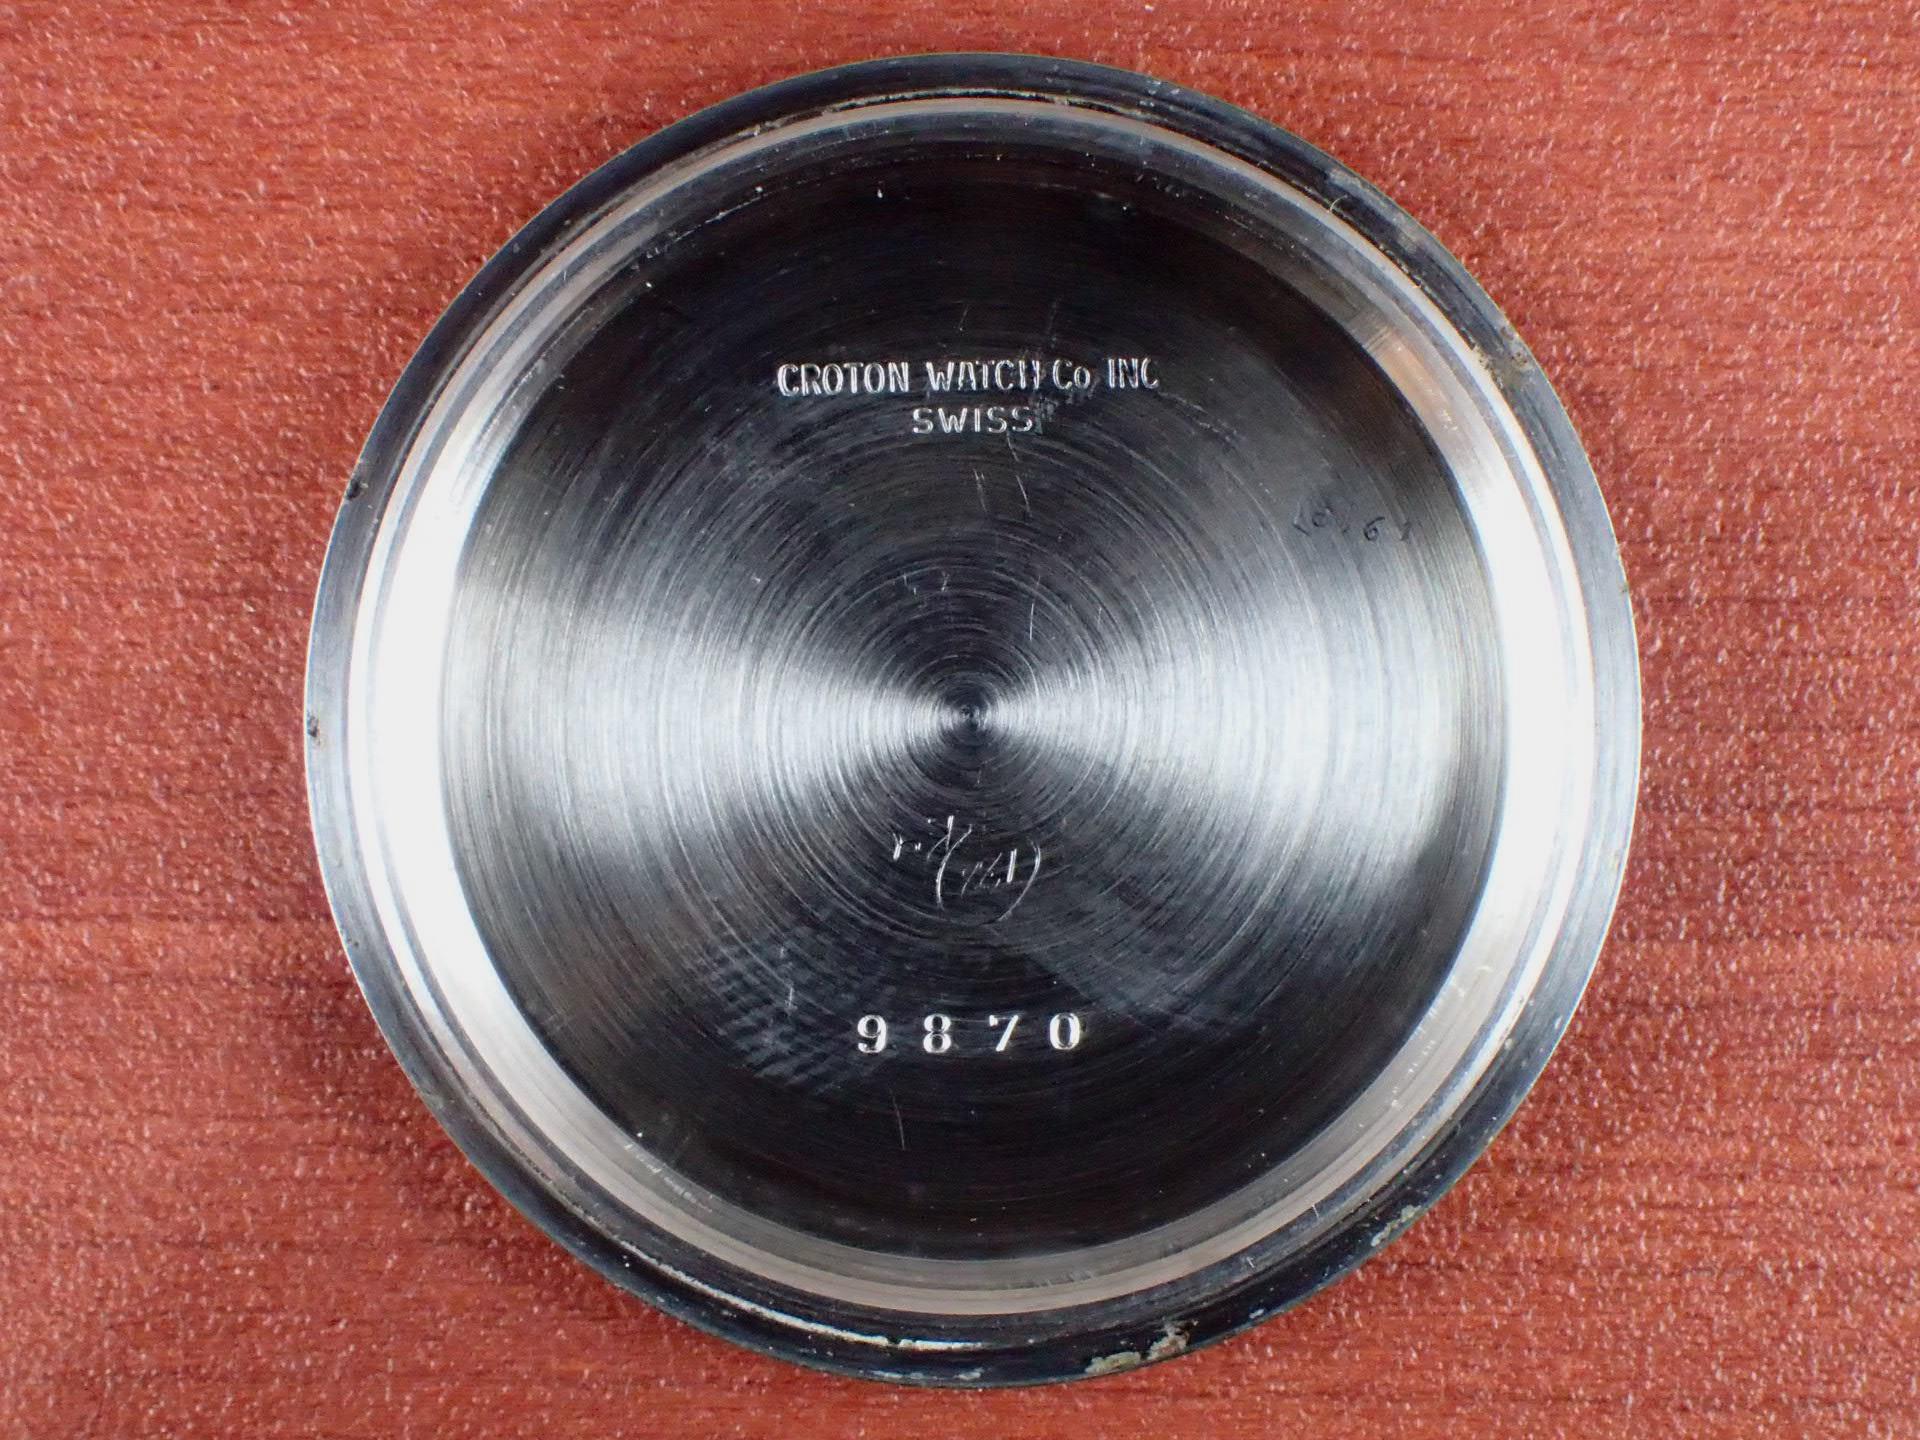 クロトン クロノマスター シーダイバー クロノグラフ バルジュー23 1960年代の写真6枚目